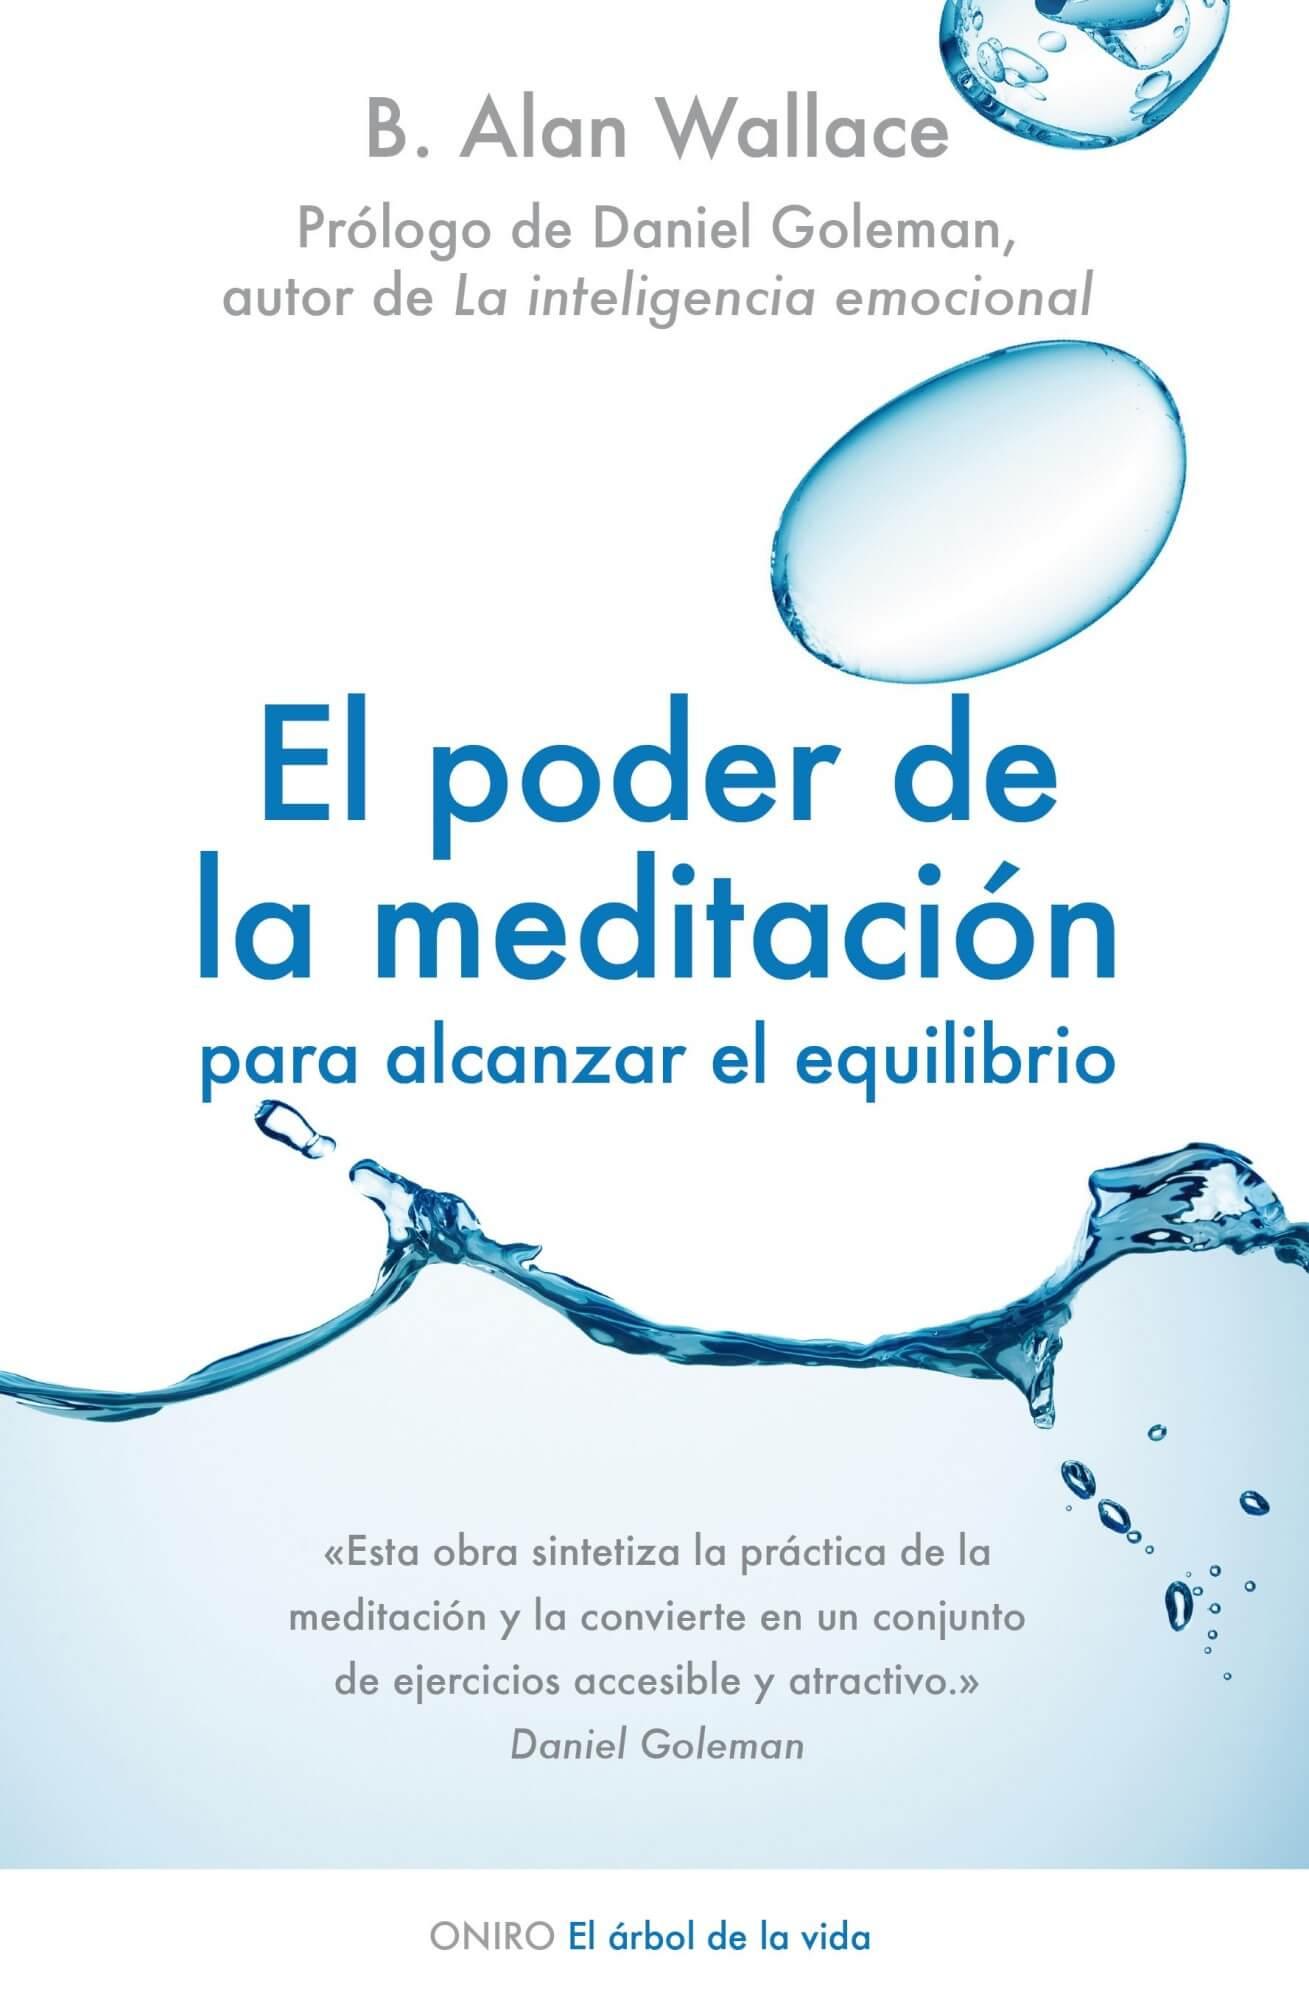 El poder de la meditación. Alan Wallace